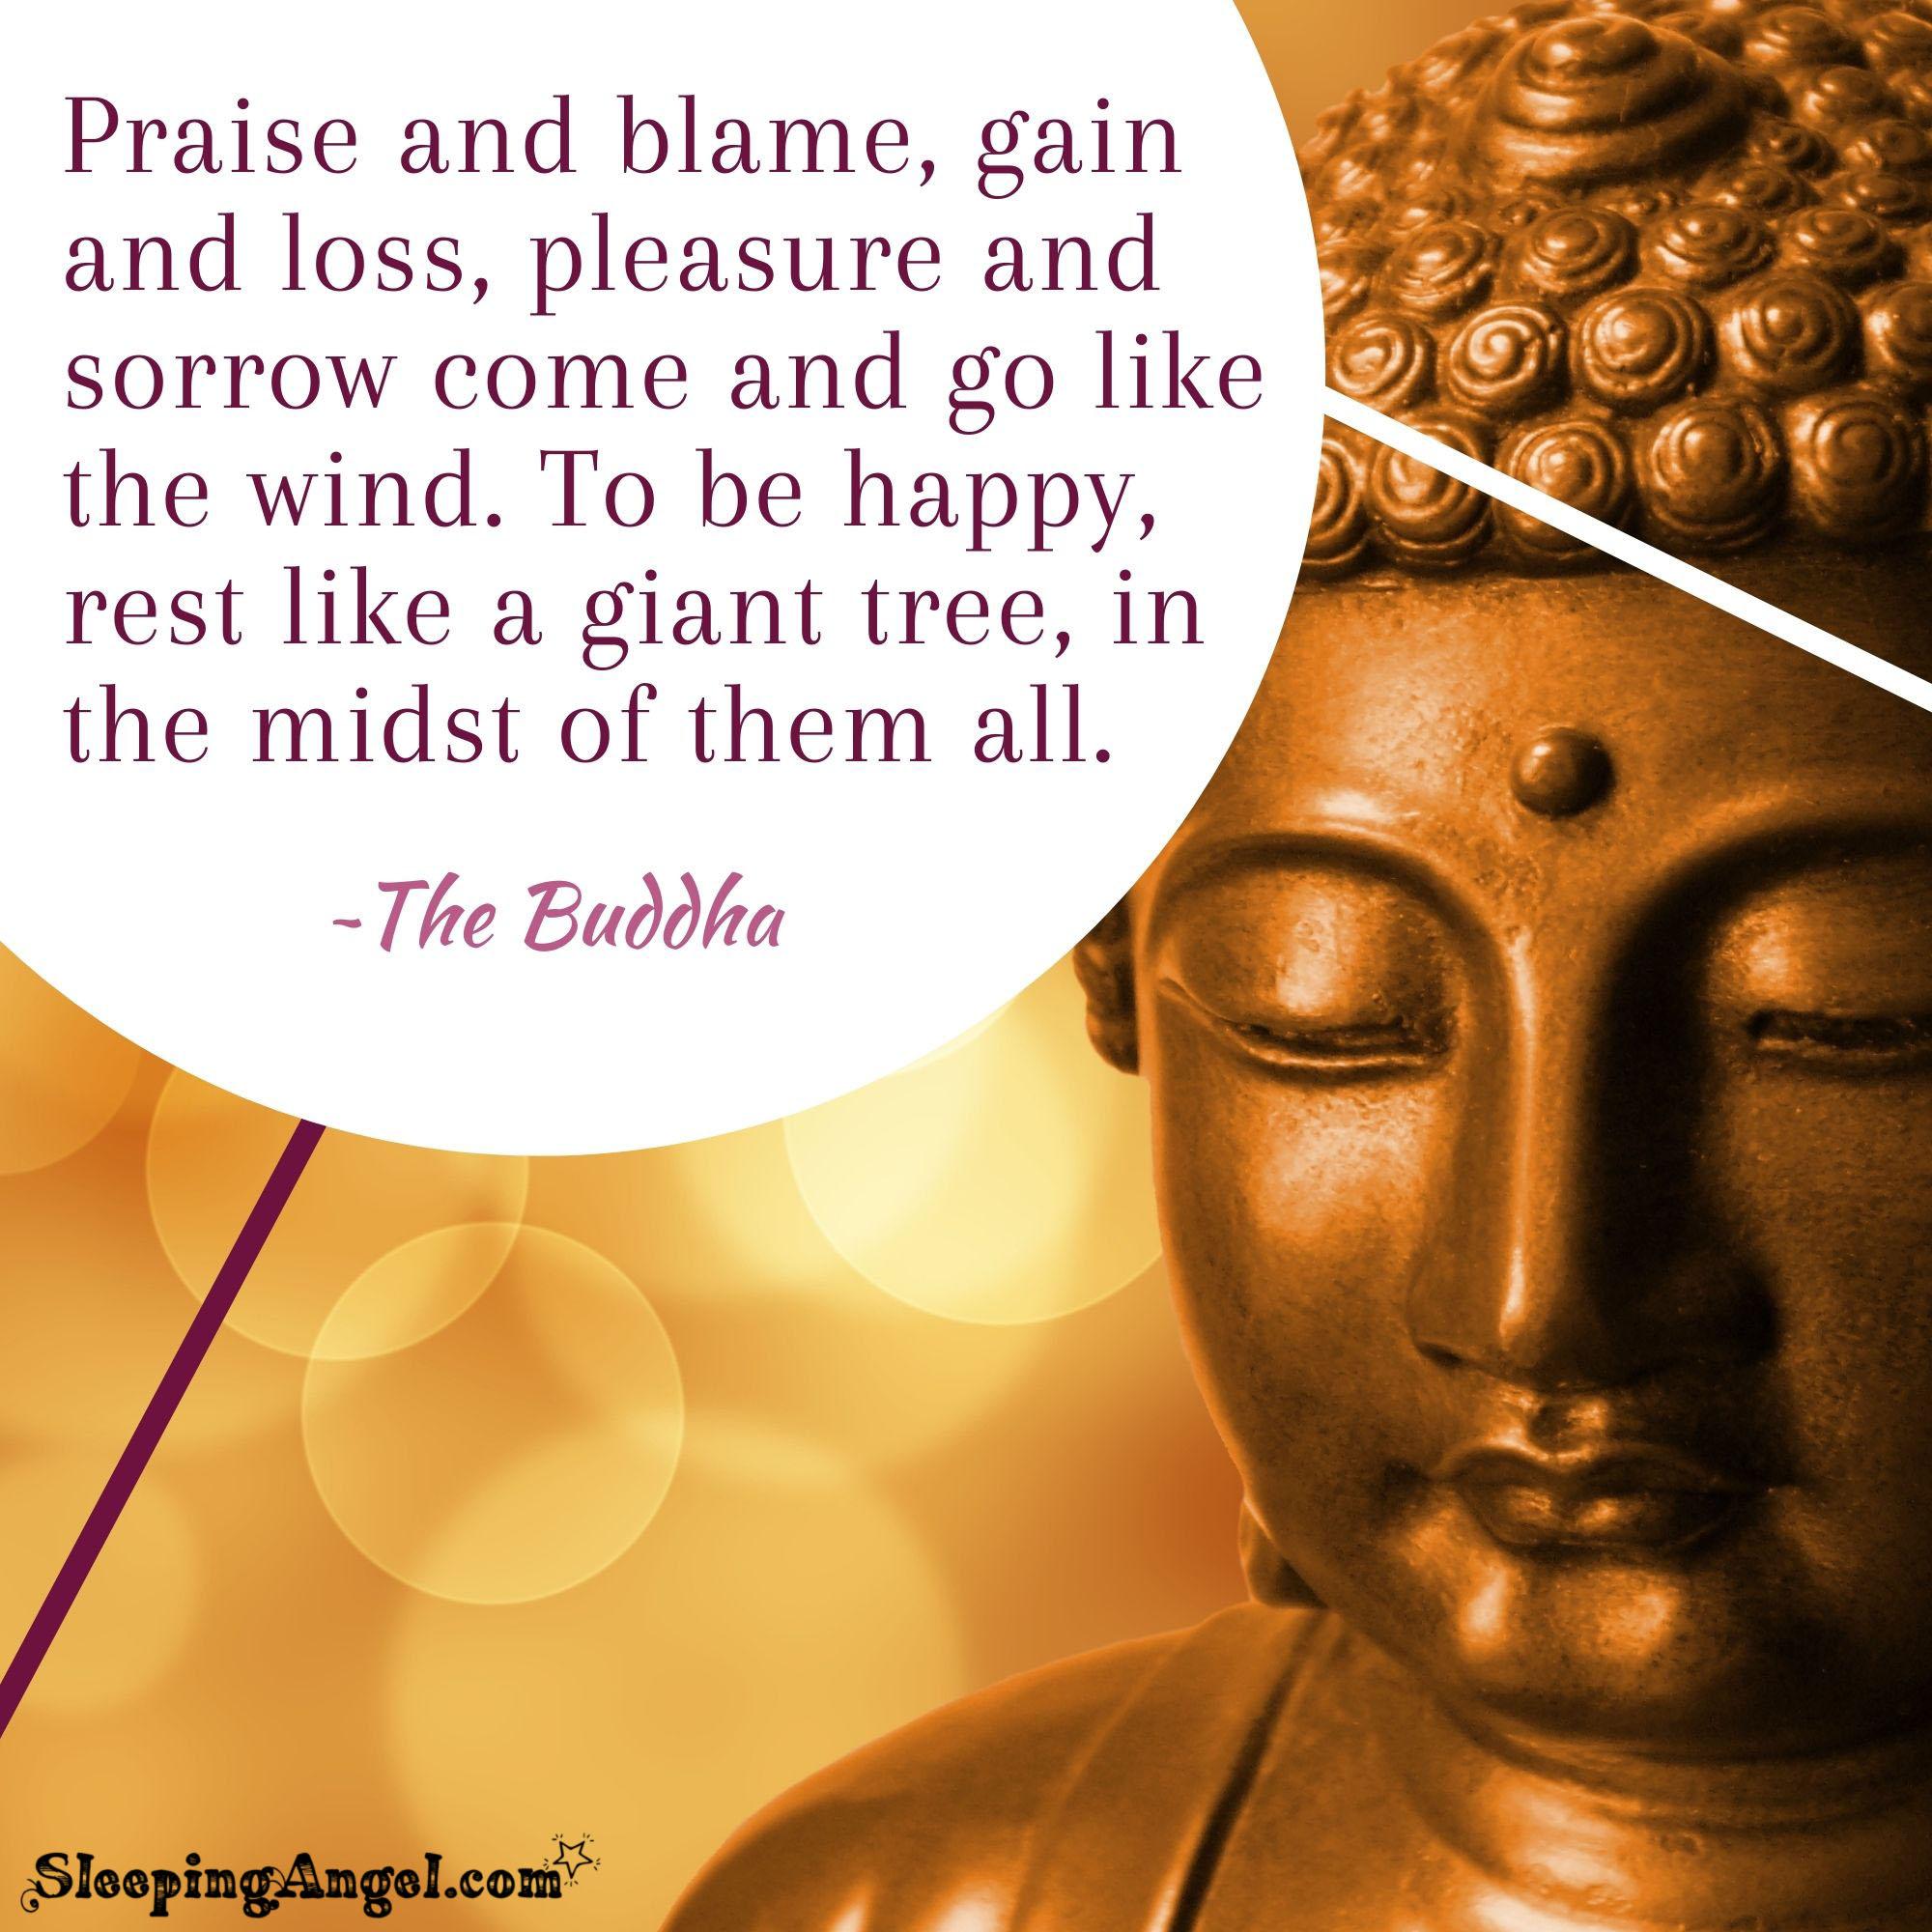 The Buddha Quote